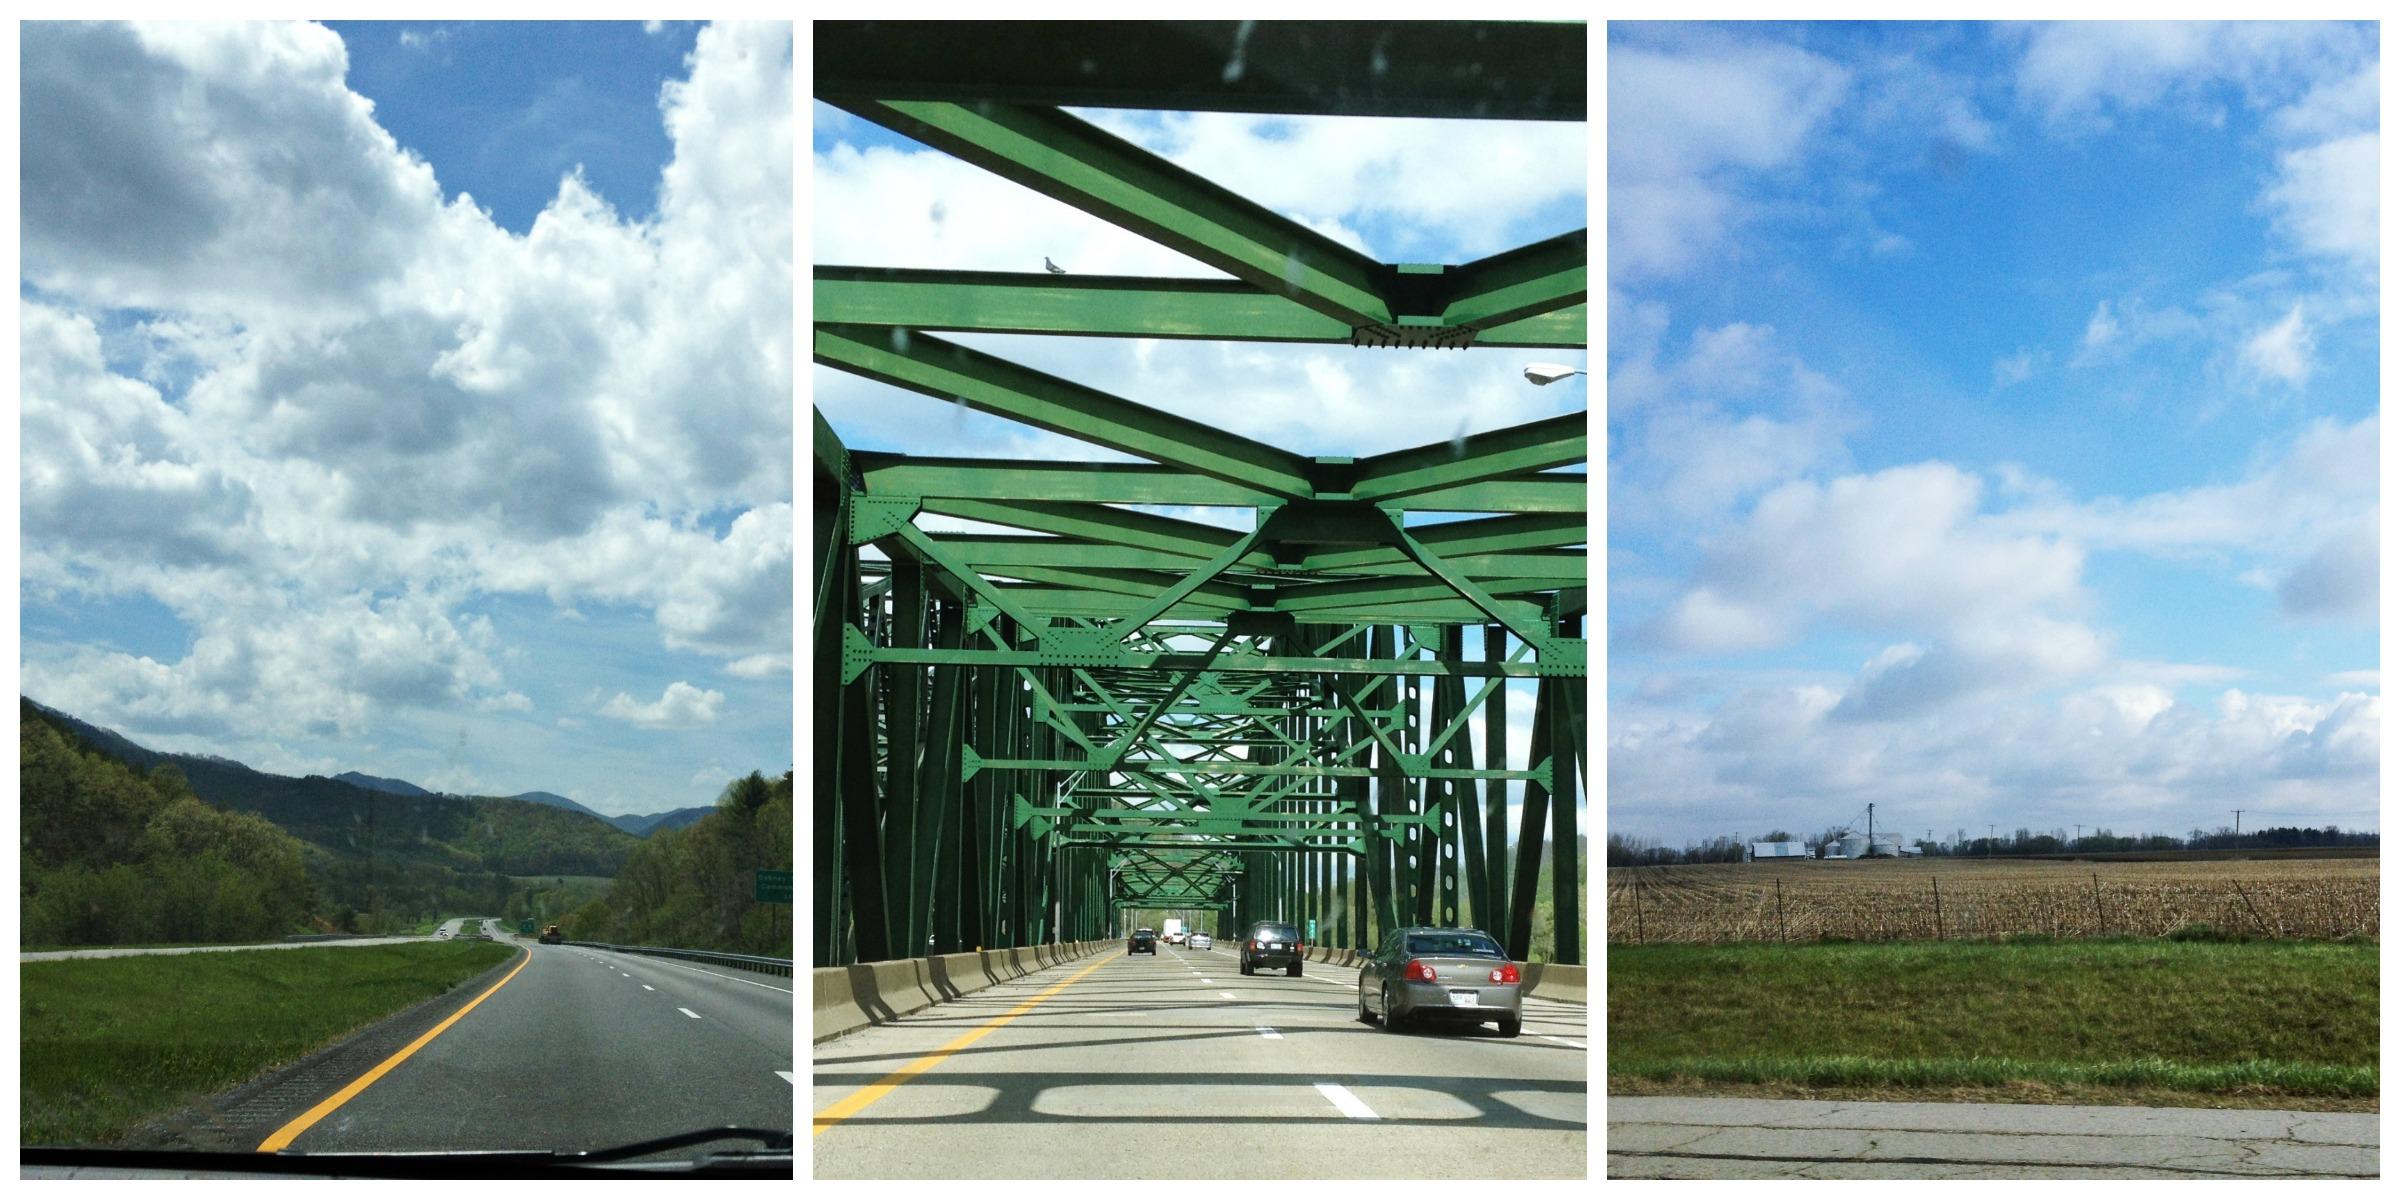 West Virginia and Ohio